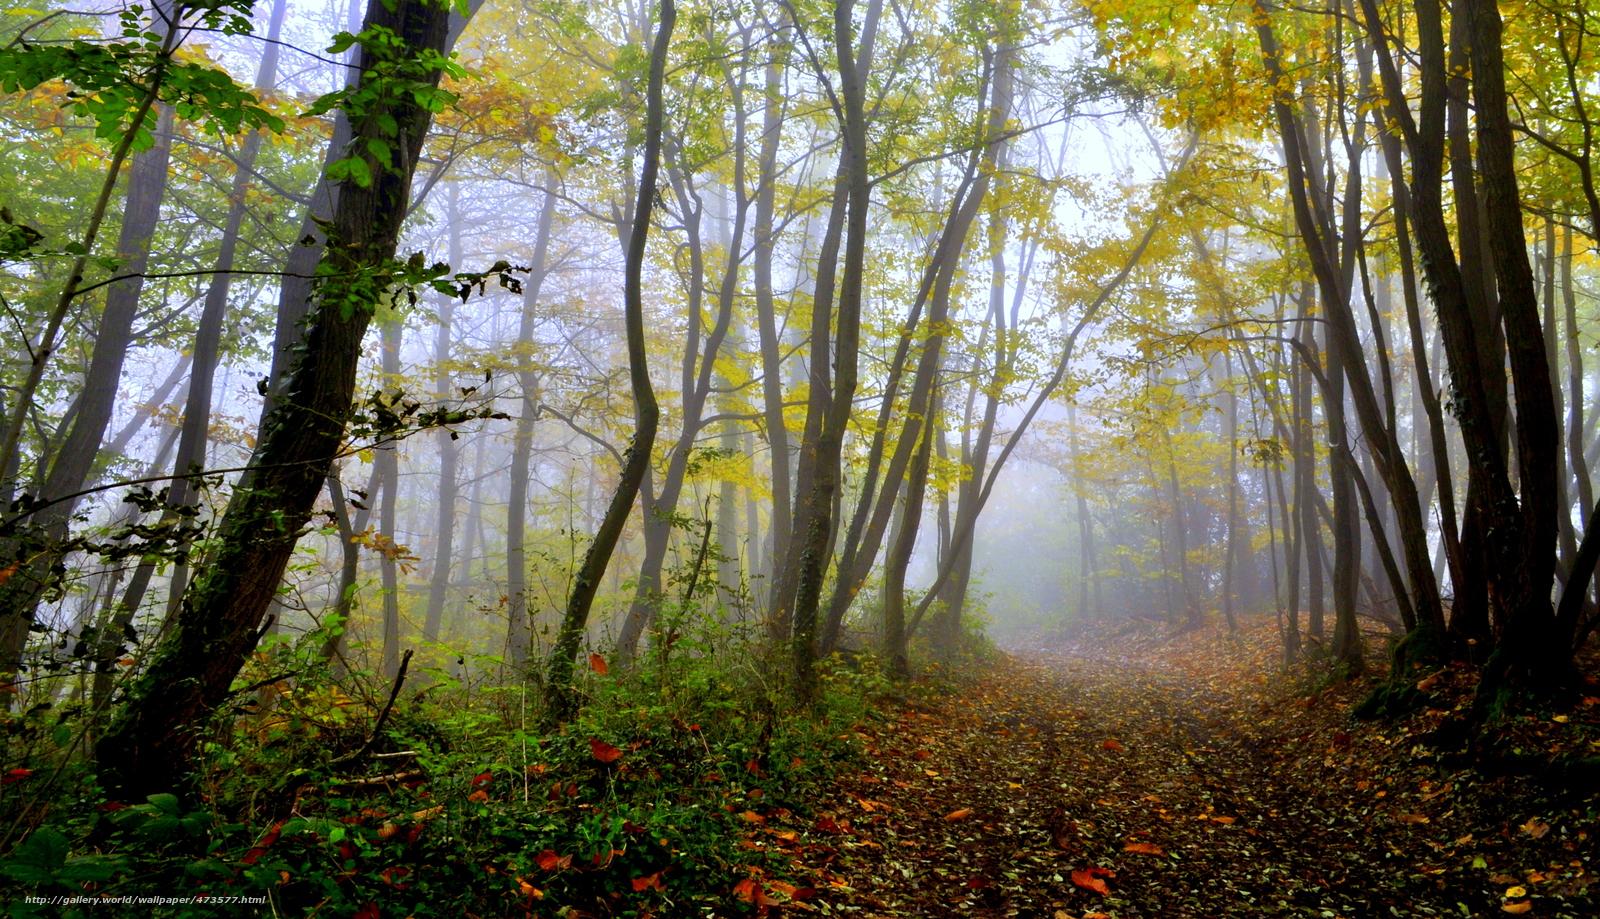 scaricare gli sfondi foresta,  alberi,  traccia,  autunno Sfondi gratis per la risoluzione del desktop 4288x2463 — immagine №473577